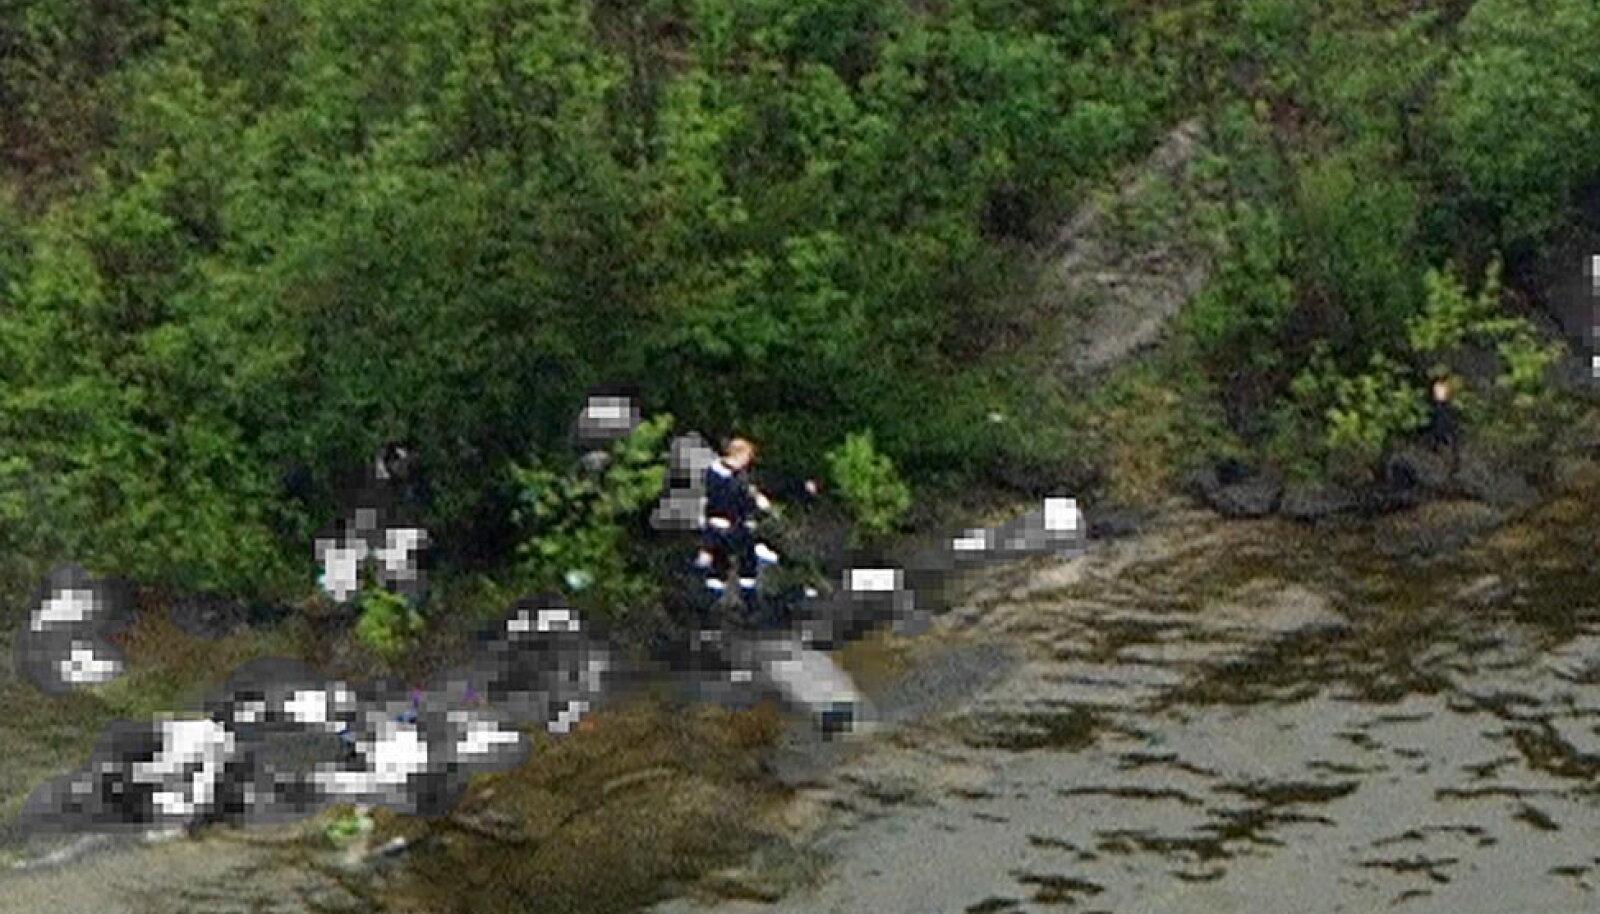 Anders Behring Breivik Utøya saarel